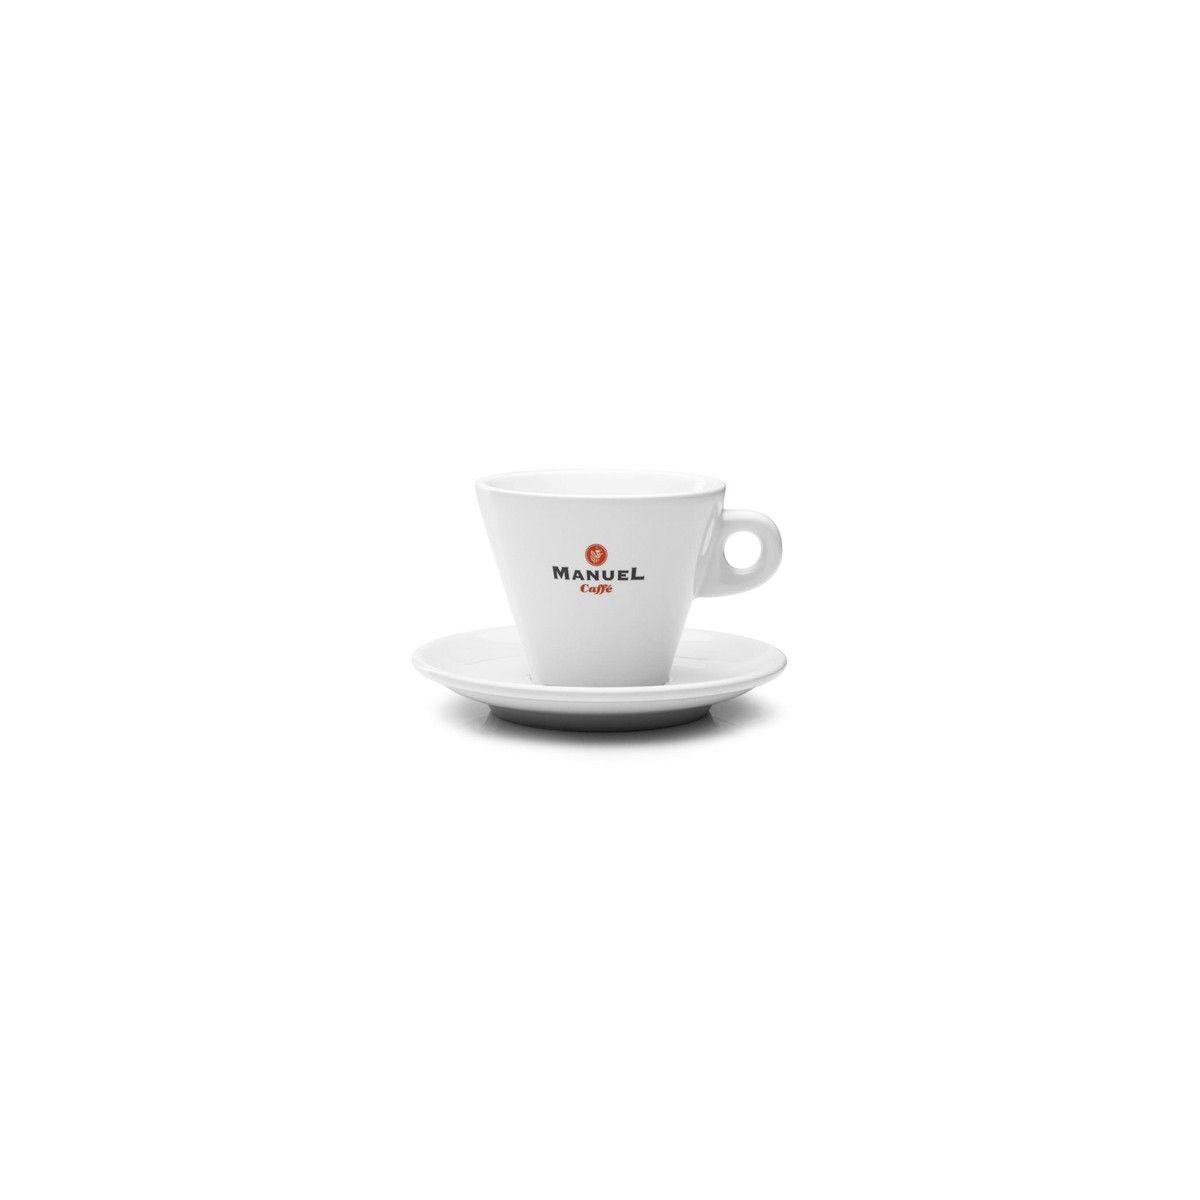 http://manuel.shopstart.hu/Images/Products/5TZMPR01_prestige_espresso_1.jpg